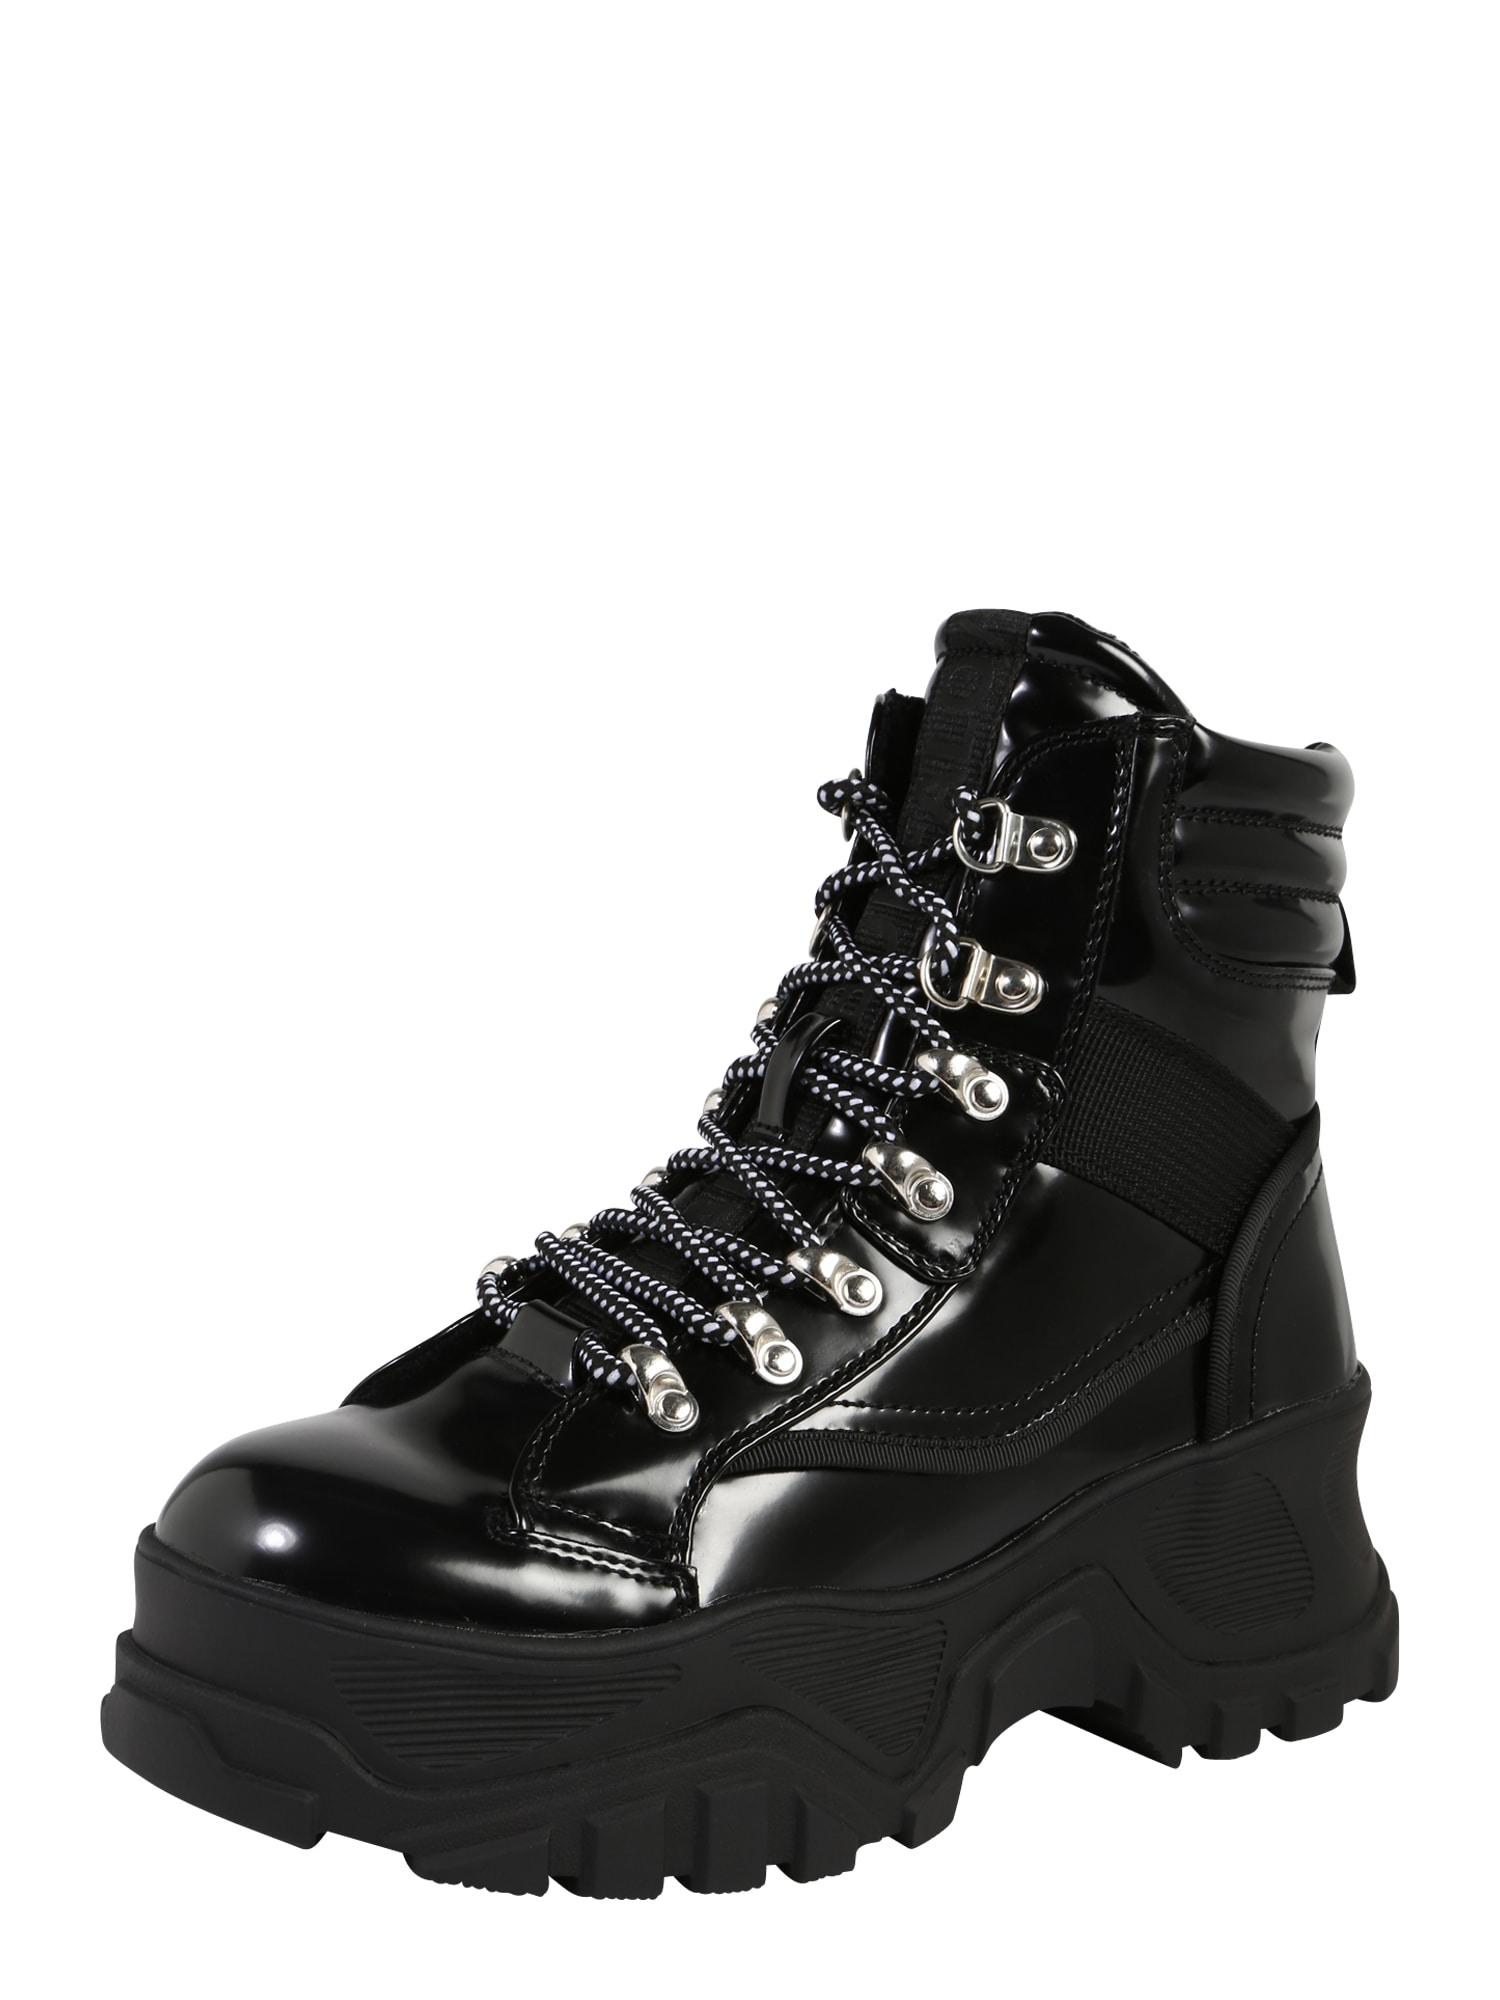 Šněrovací boty FENDO černá BUFFALO